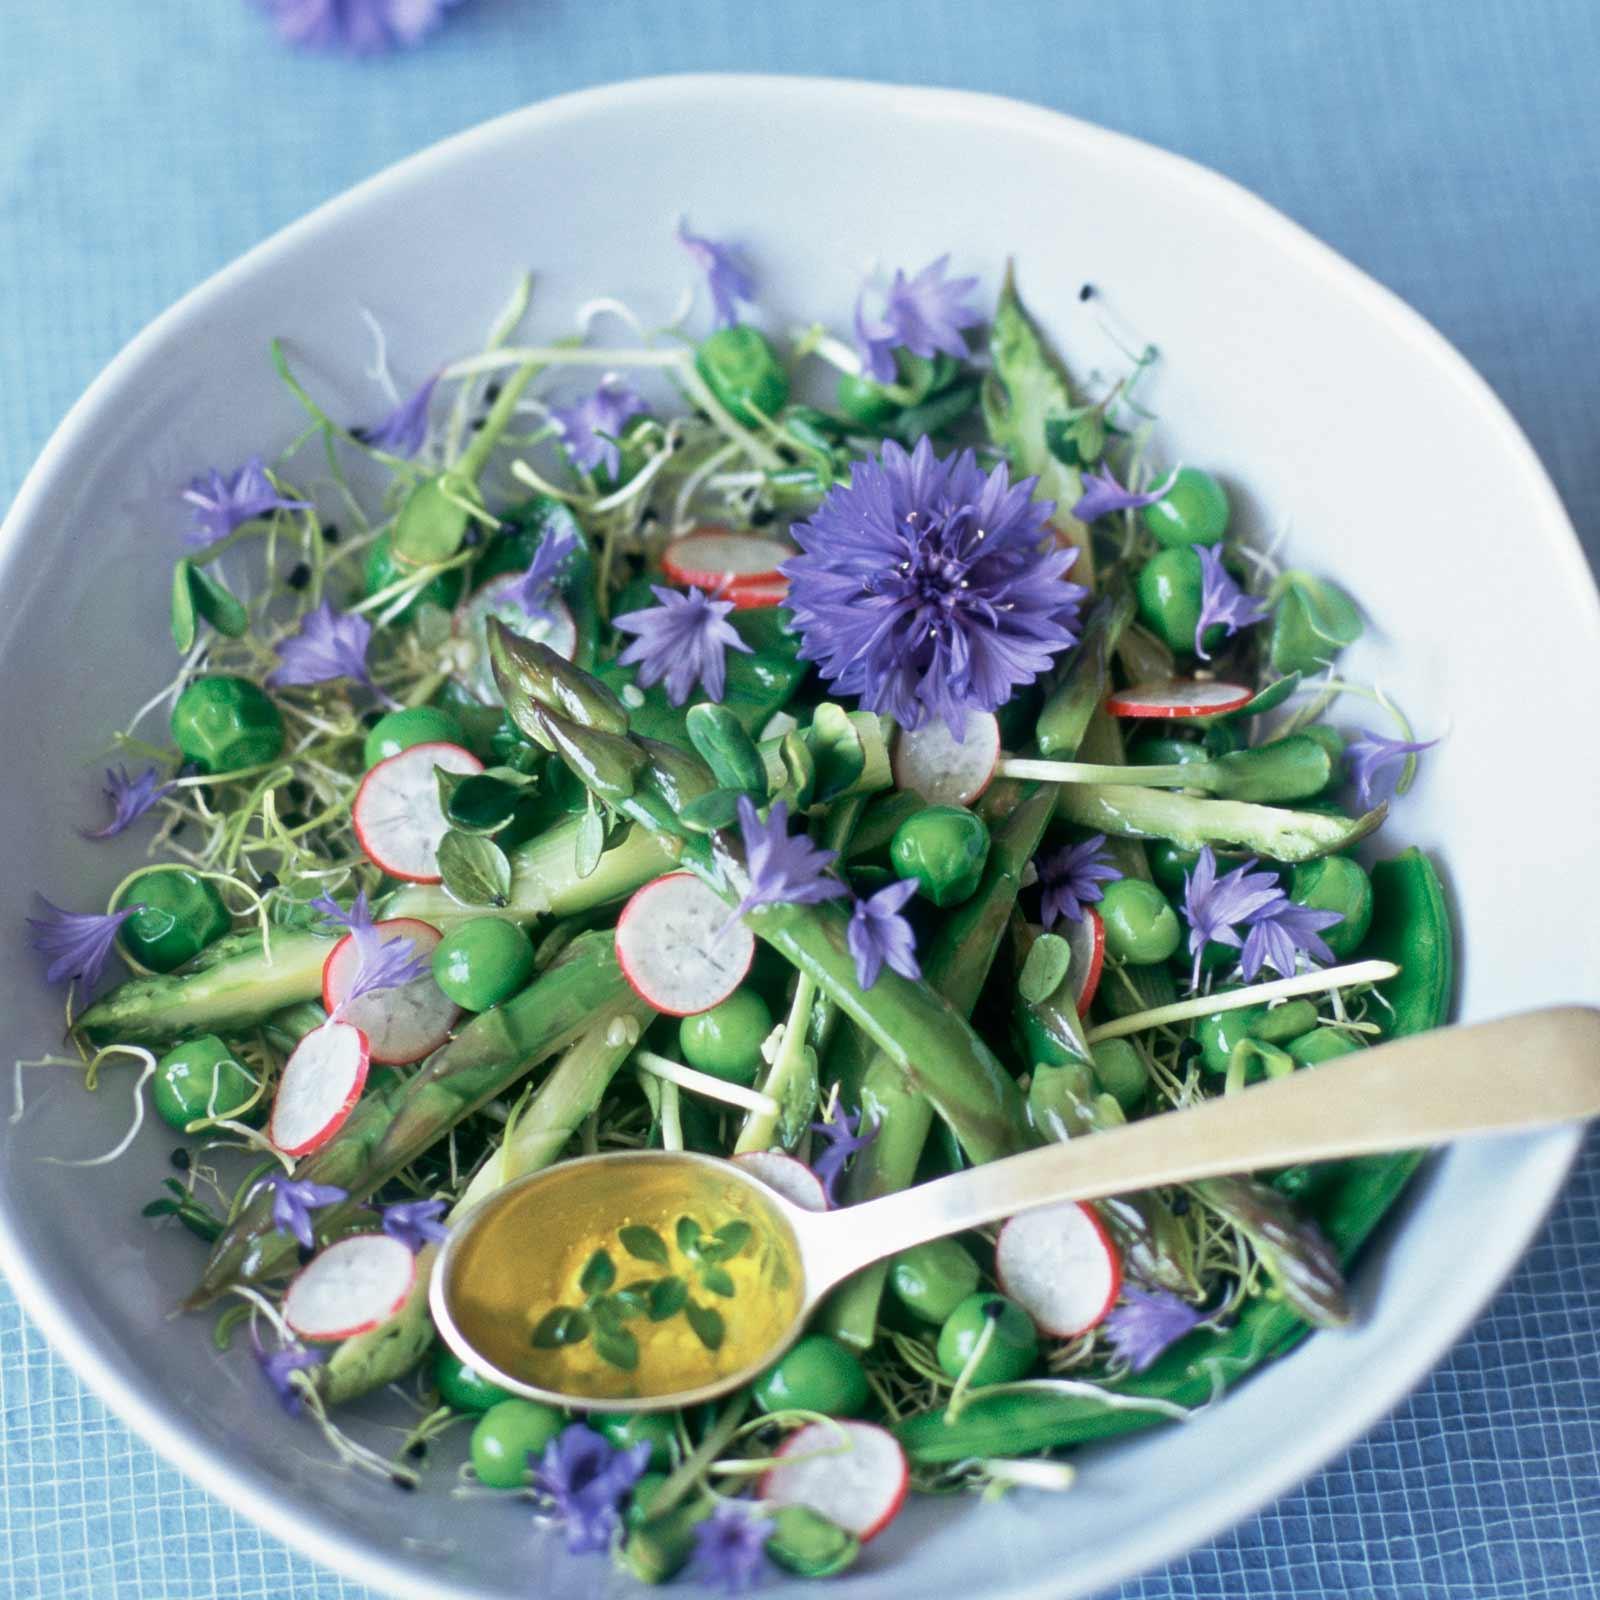 salade-fraicheur-a-la-fleur-de-bleuet